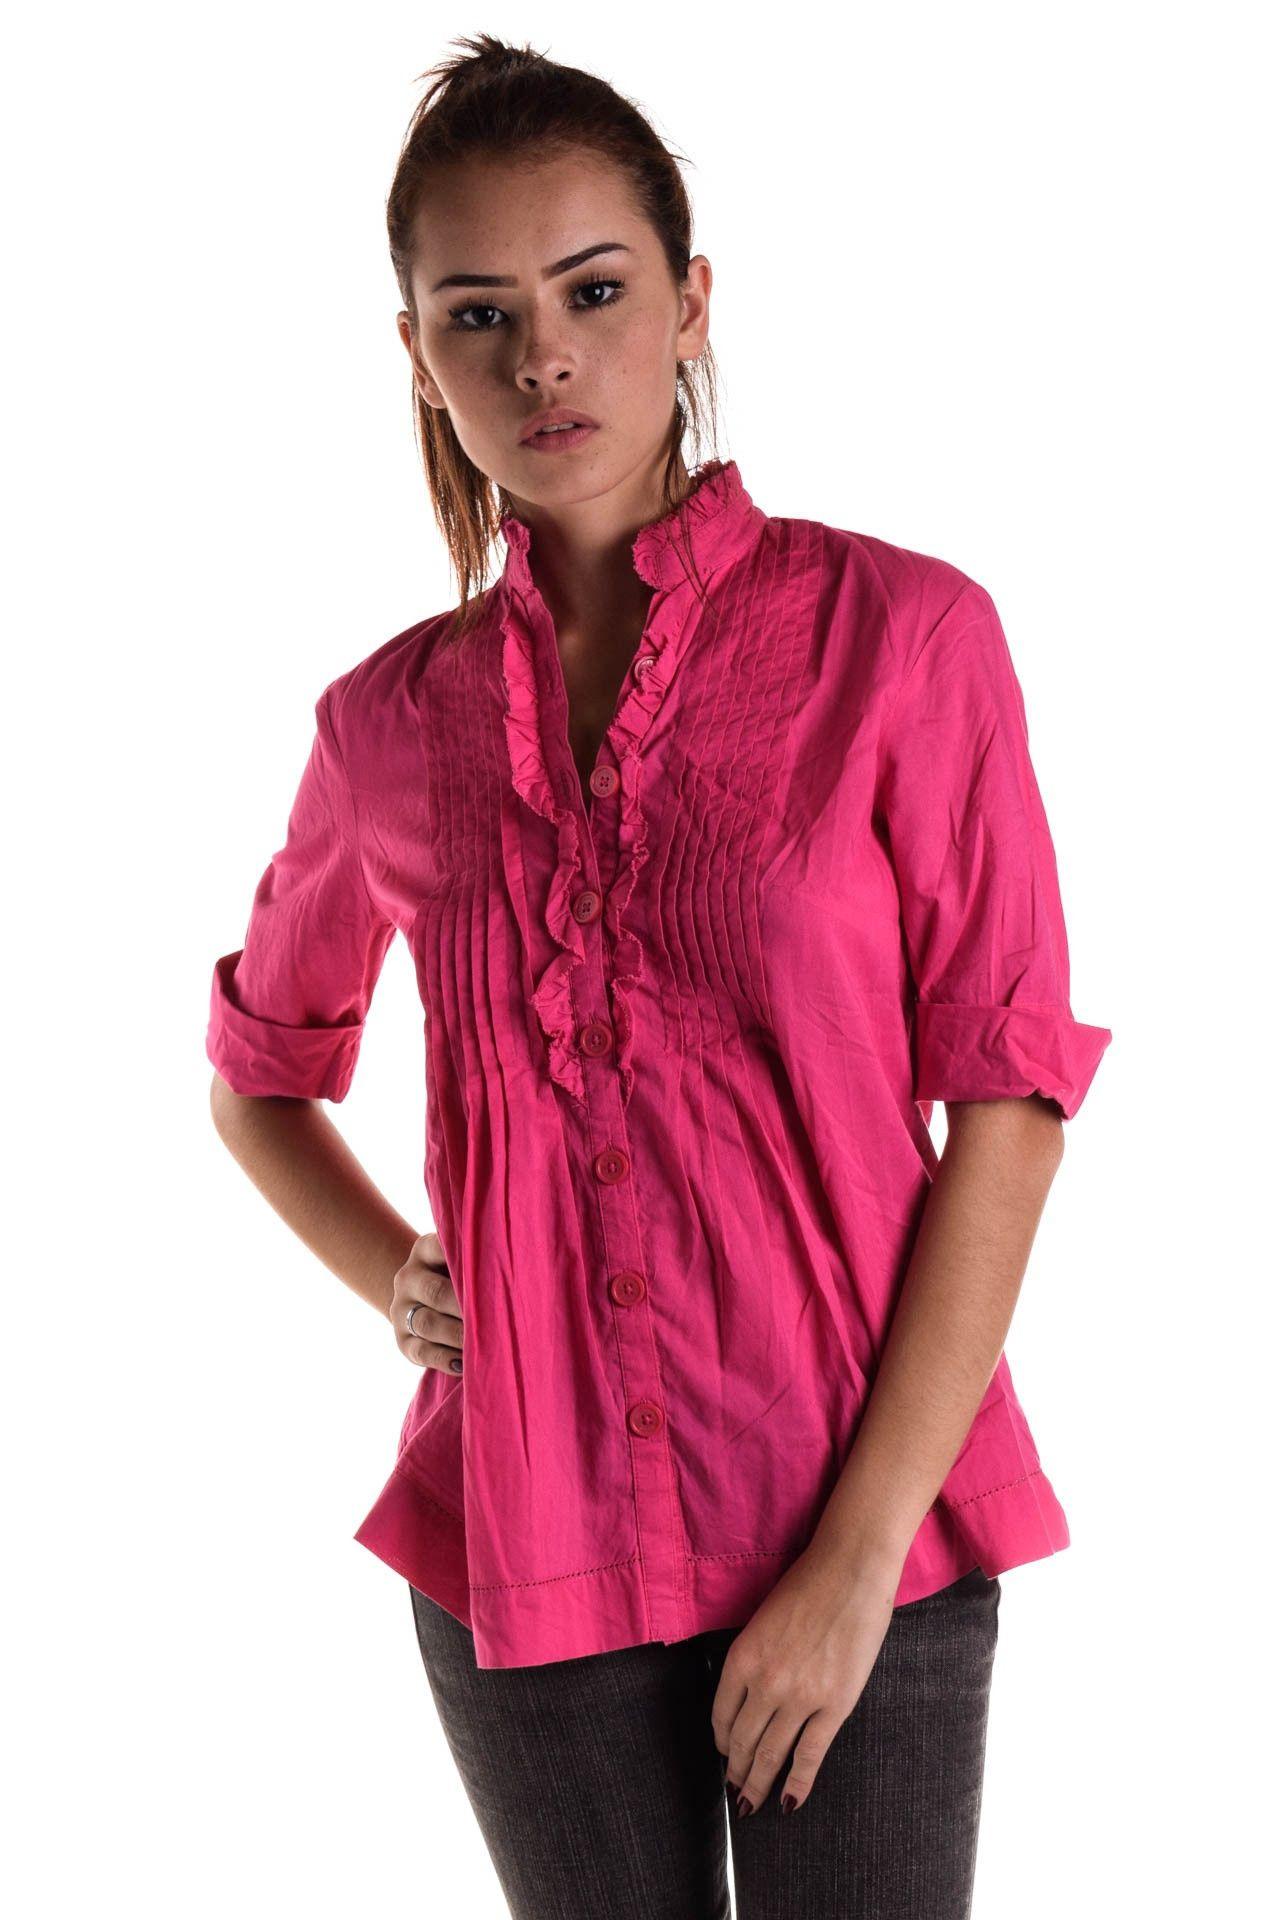 Michael Kors - Camisa Rosa Drapeada - Foto 1